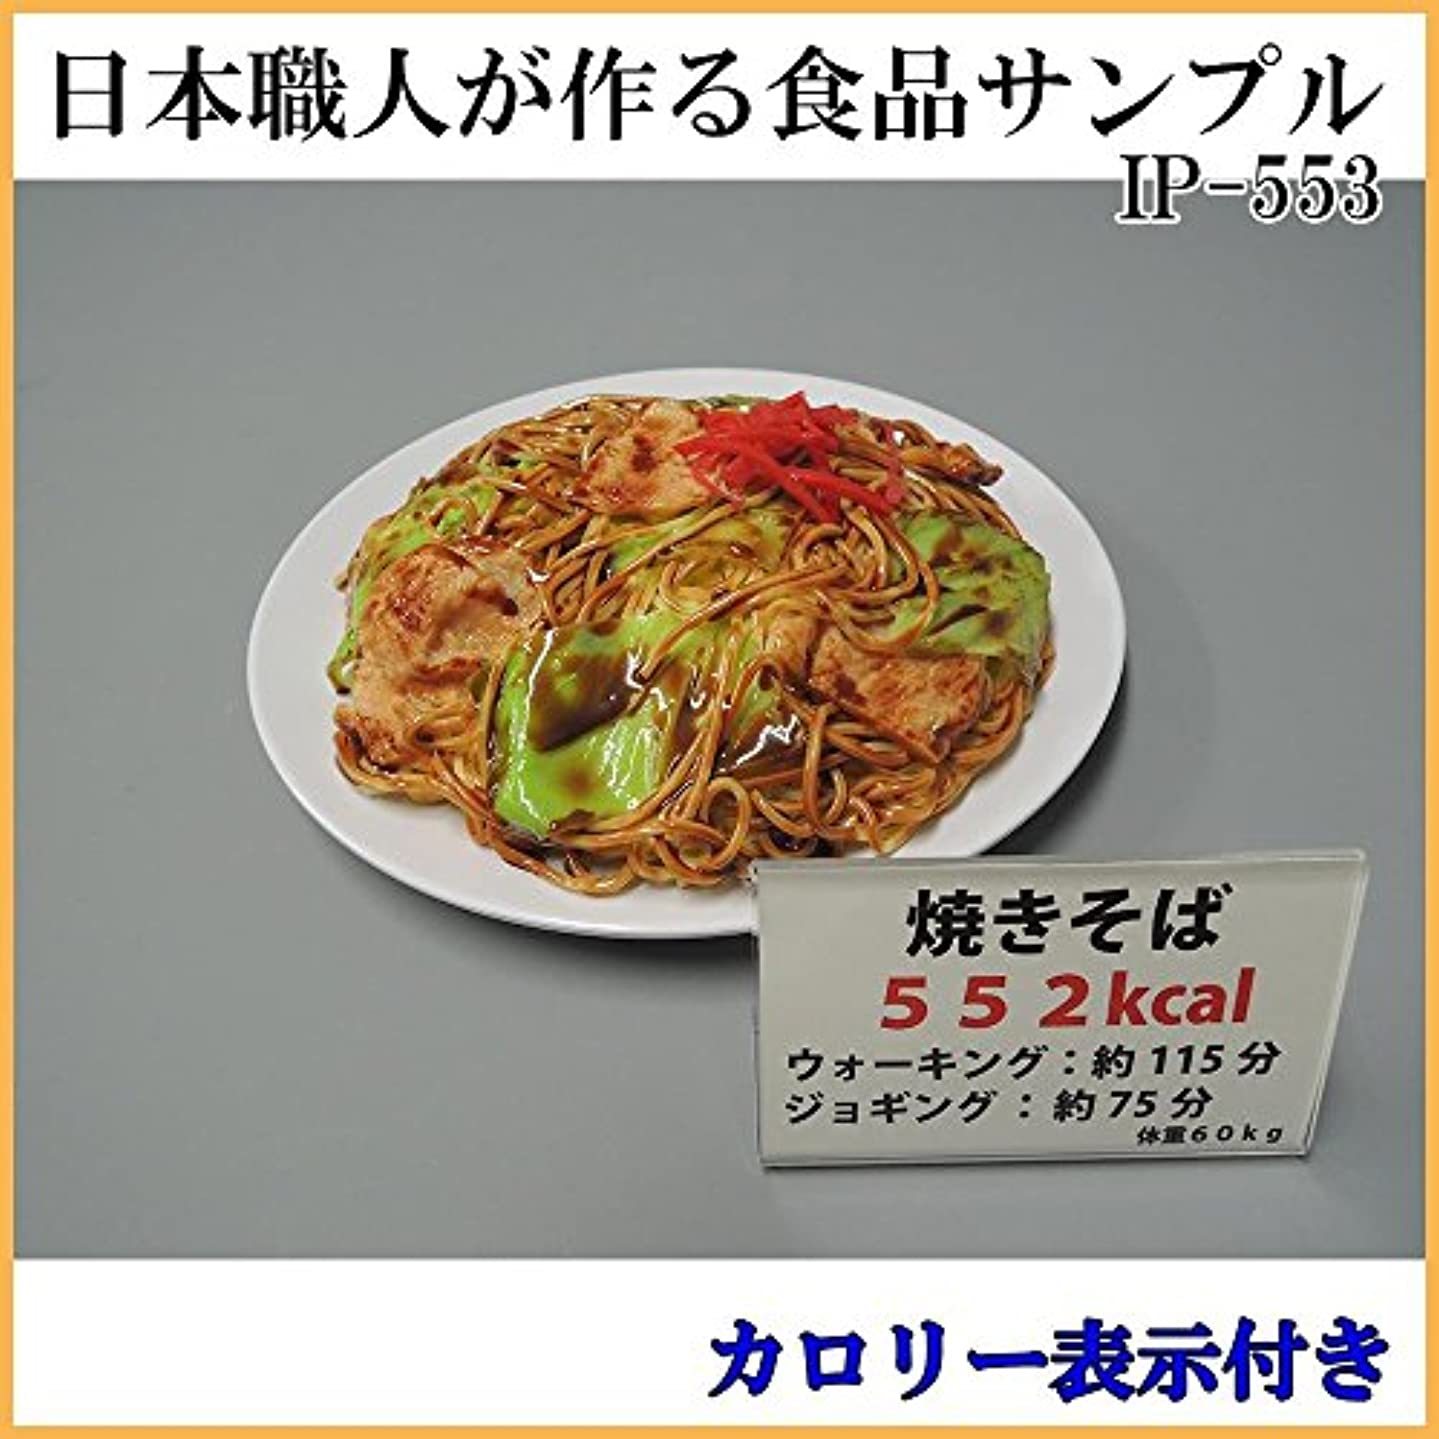 自信がある海峡梨日本職人が作る 食品サンプル カロリー表示付き 焼きそば IP-553